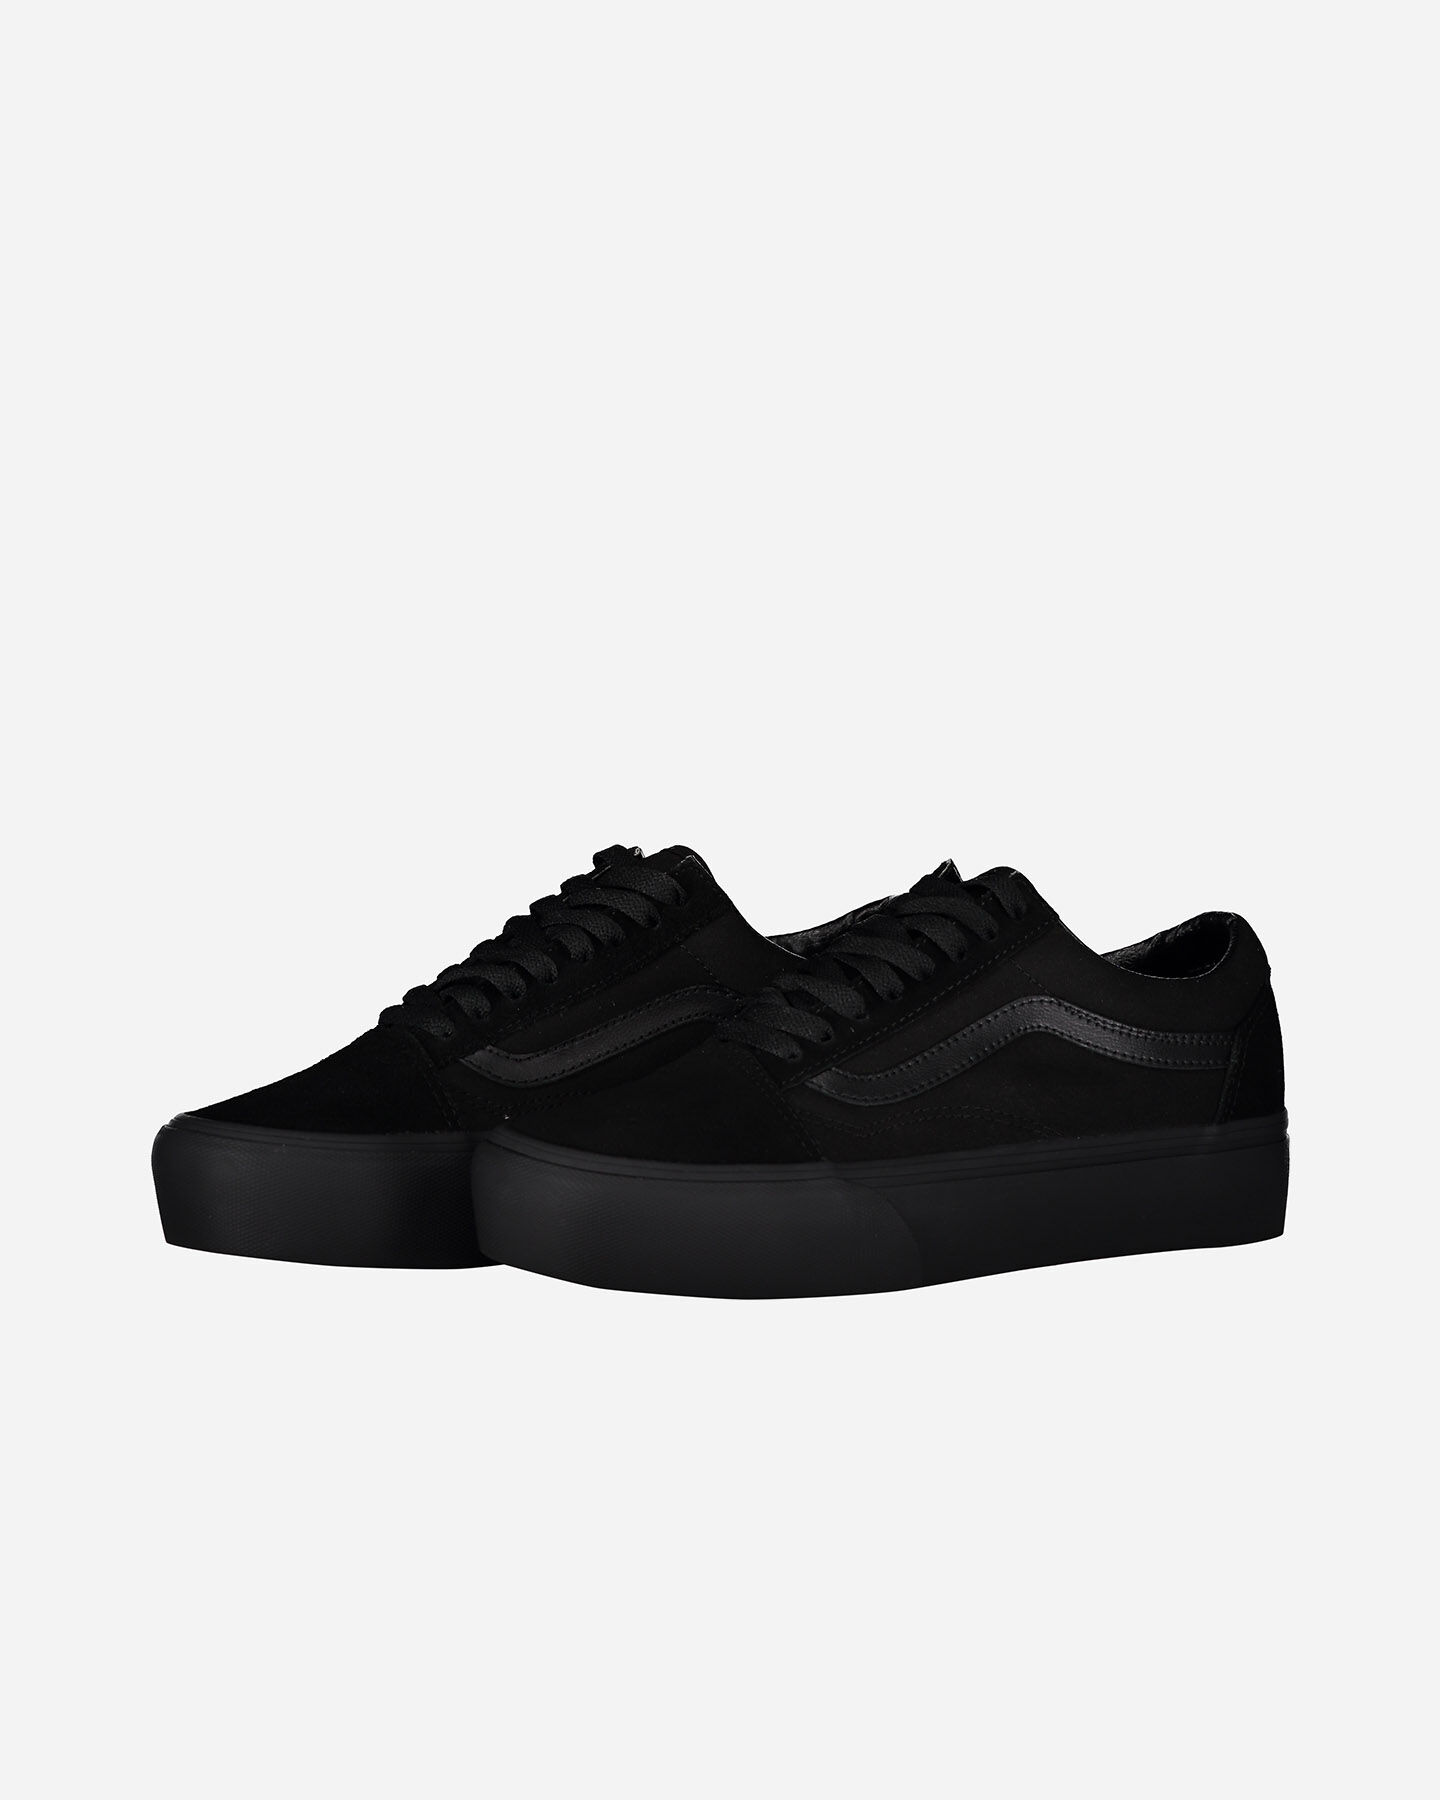 Scarpe sneakers VANS OLD SKOOL PLATFORM W S4026202 scatto 2